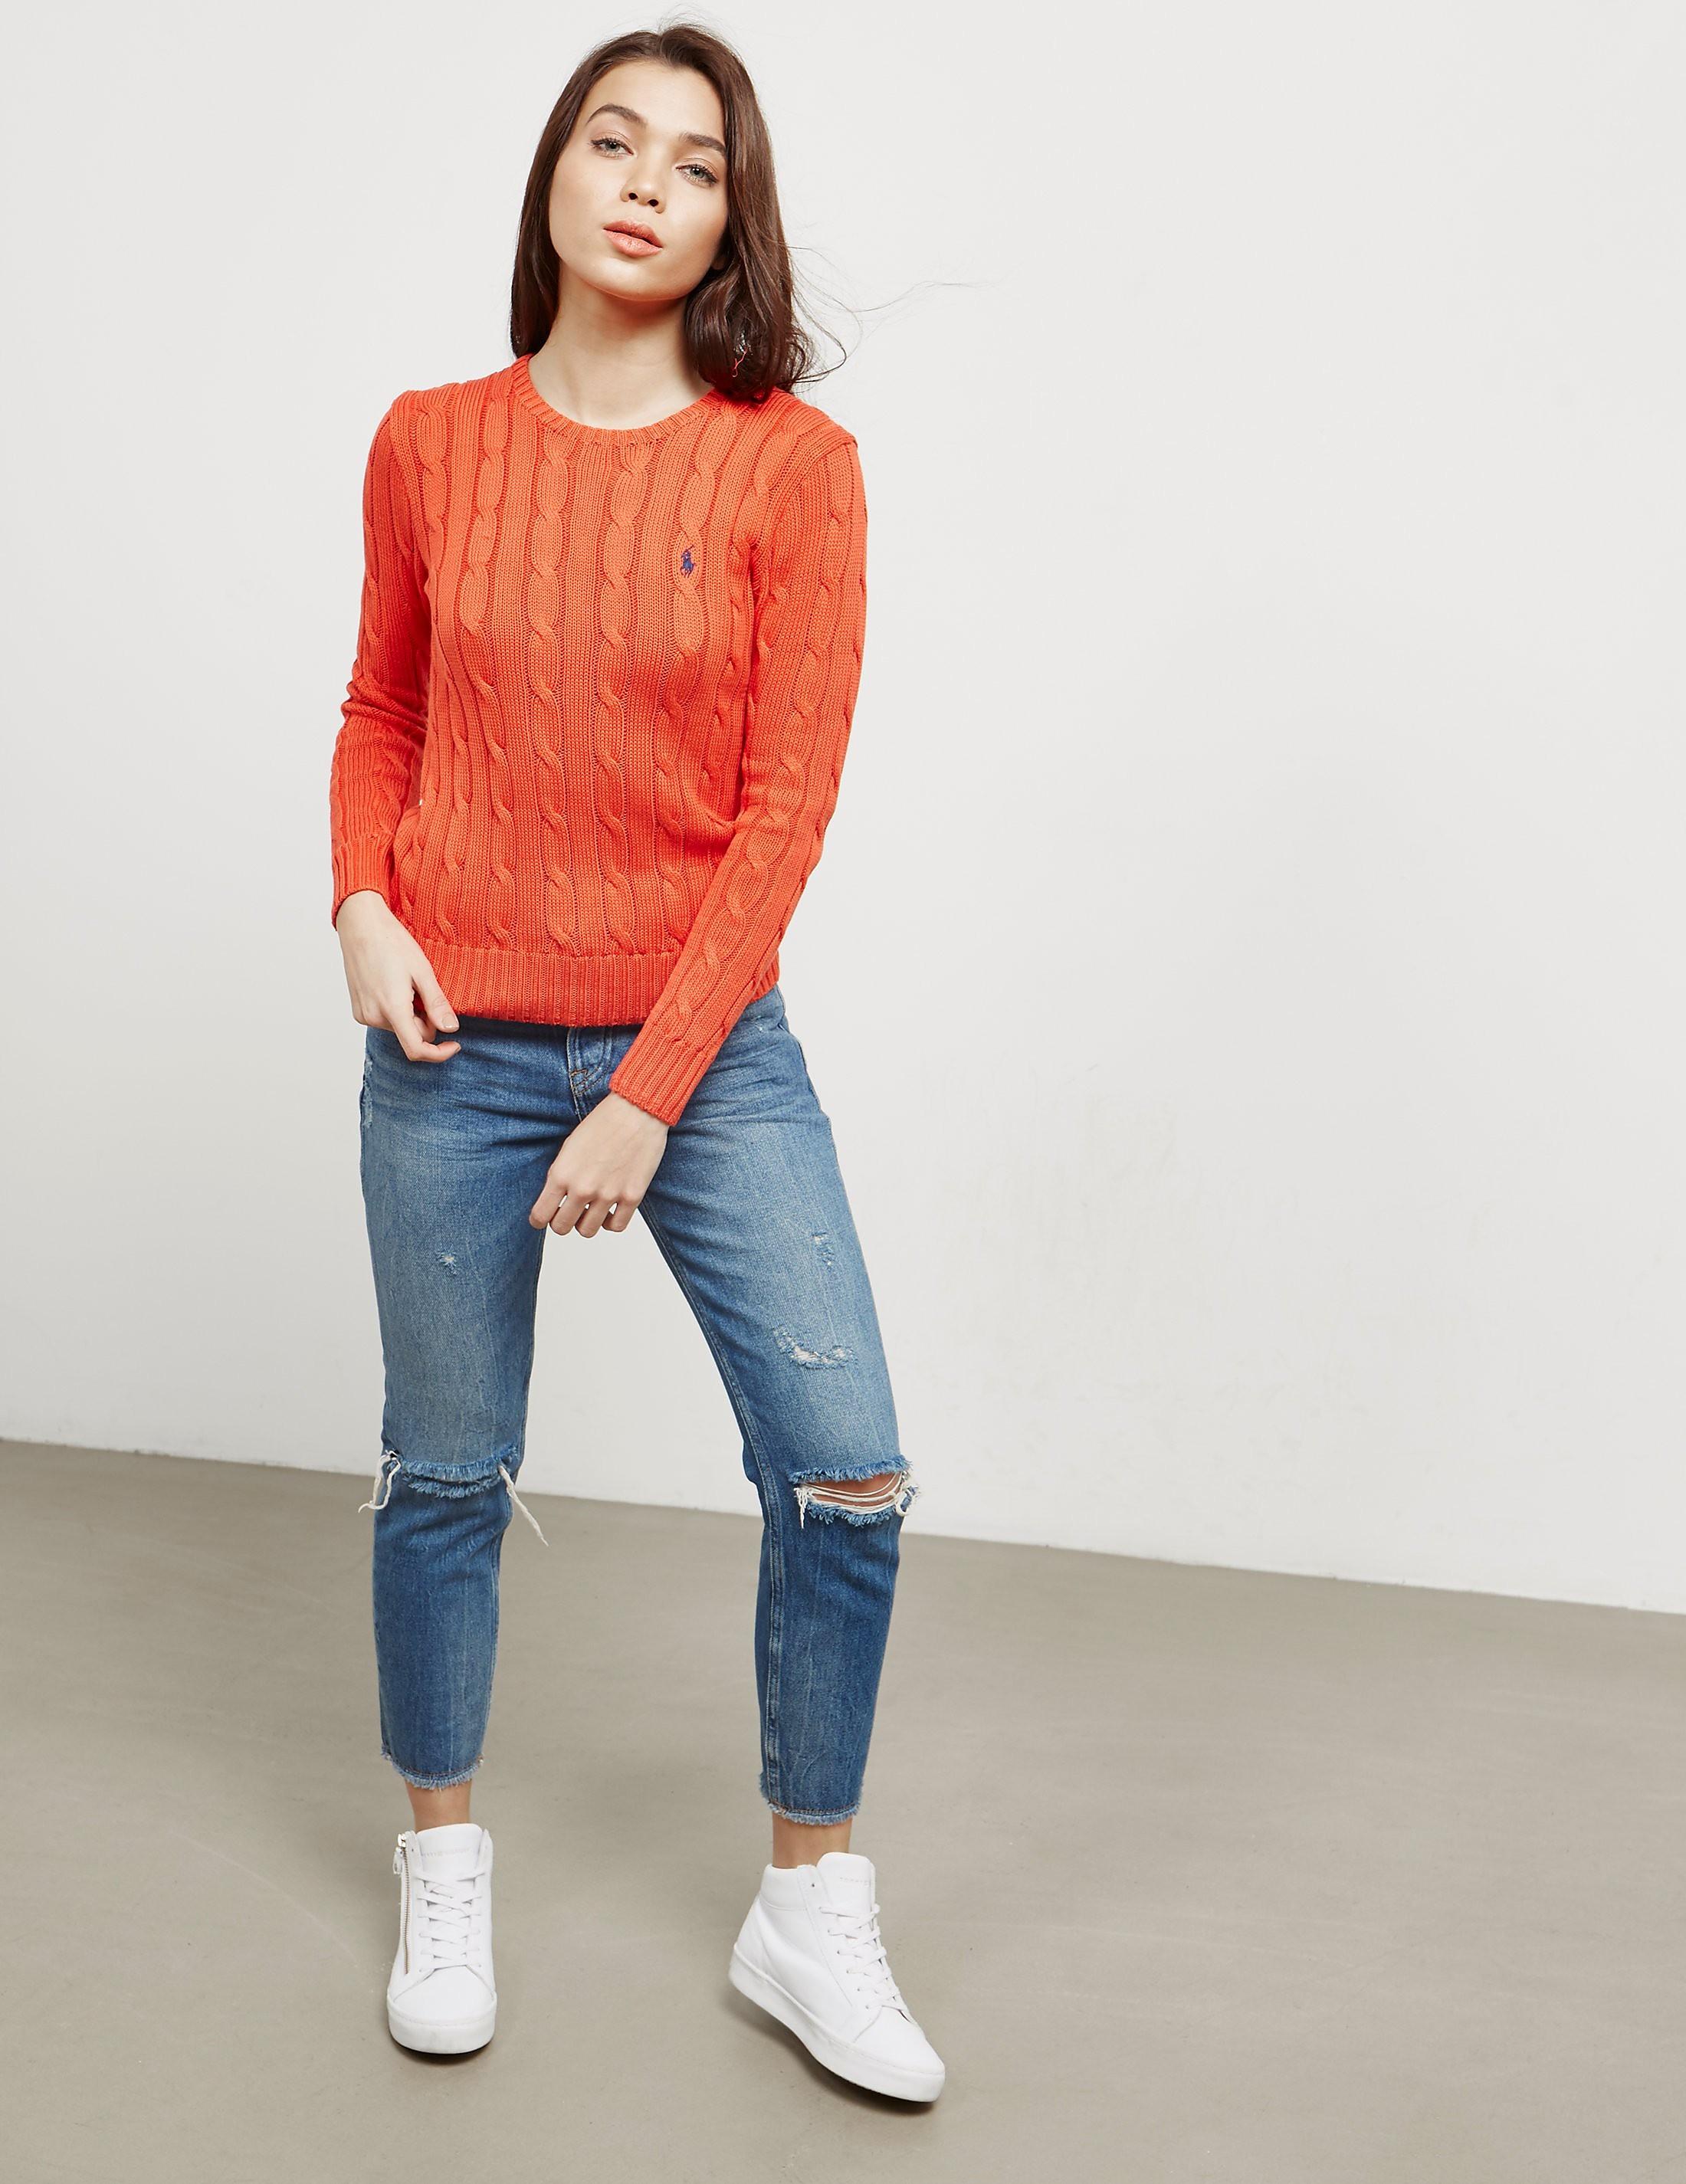 Polo Ralph Lauren Juliana Crew Knit Jumper